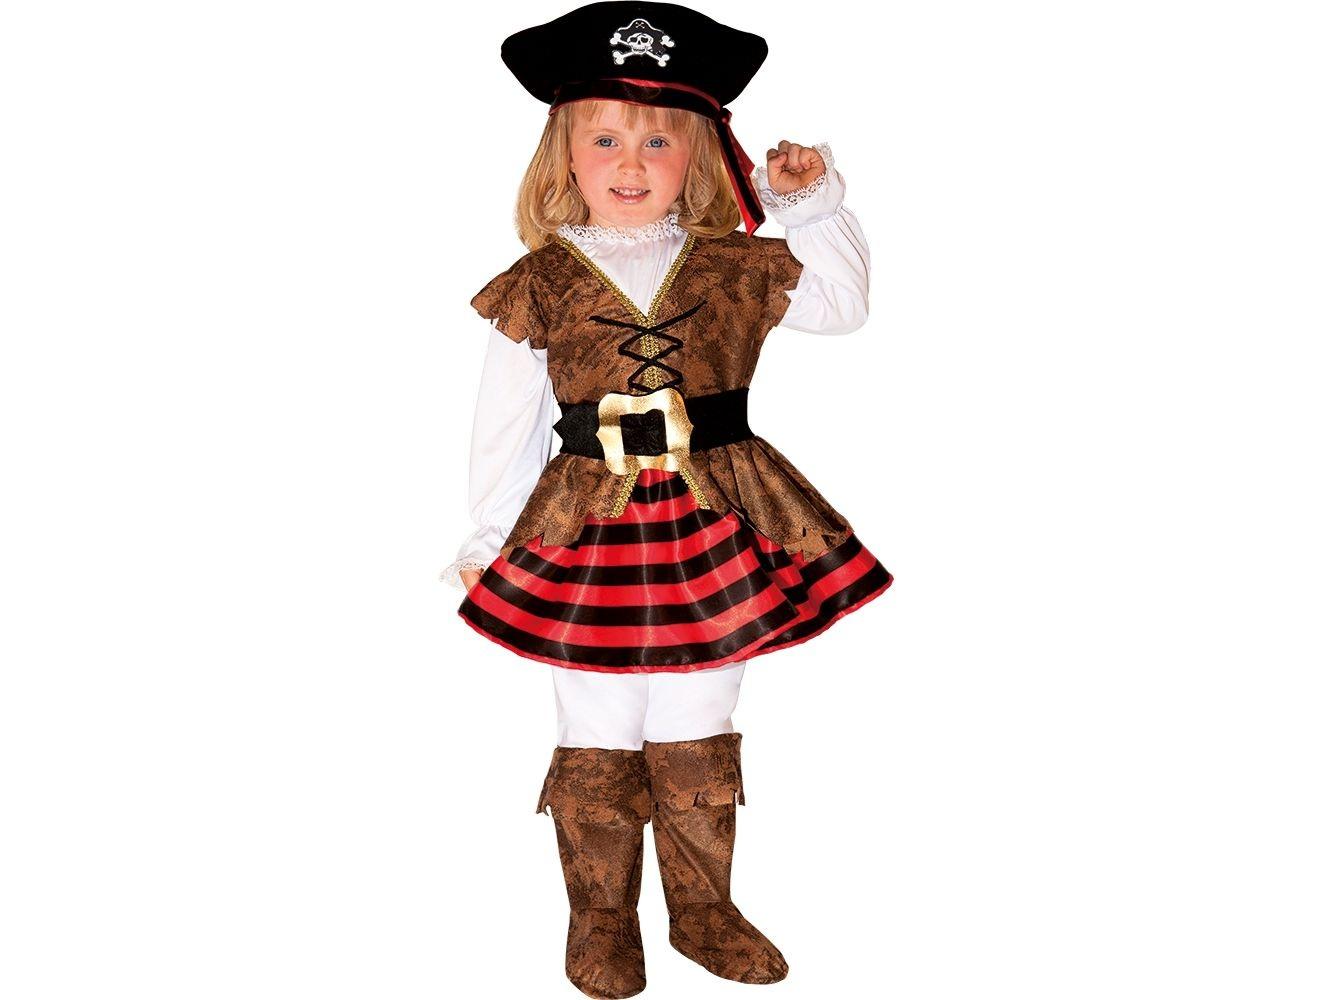 ultima selezione moderno ed elegante nella moda nuovo elenco Costume di carnevale pirata, la Piratina